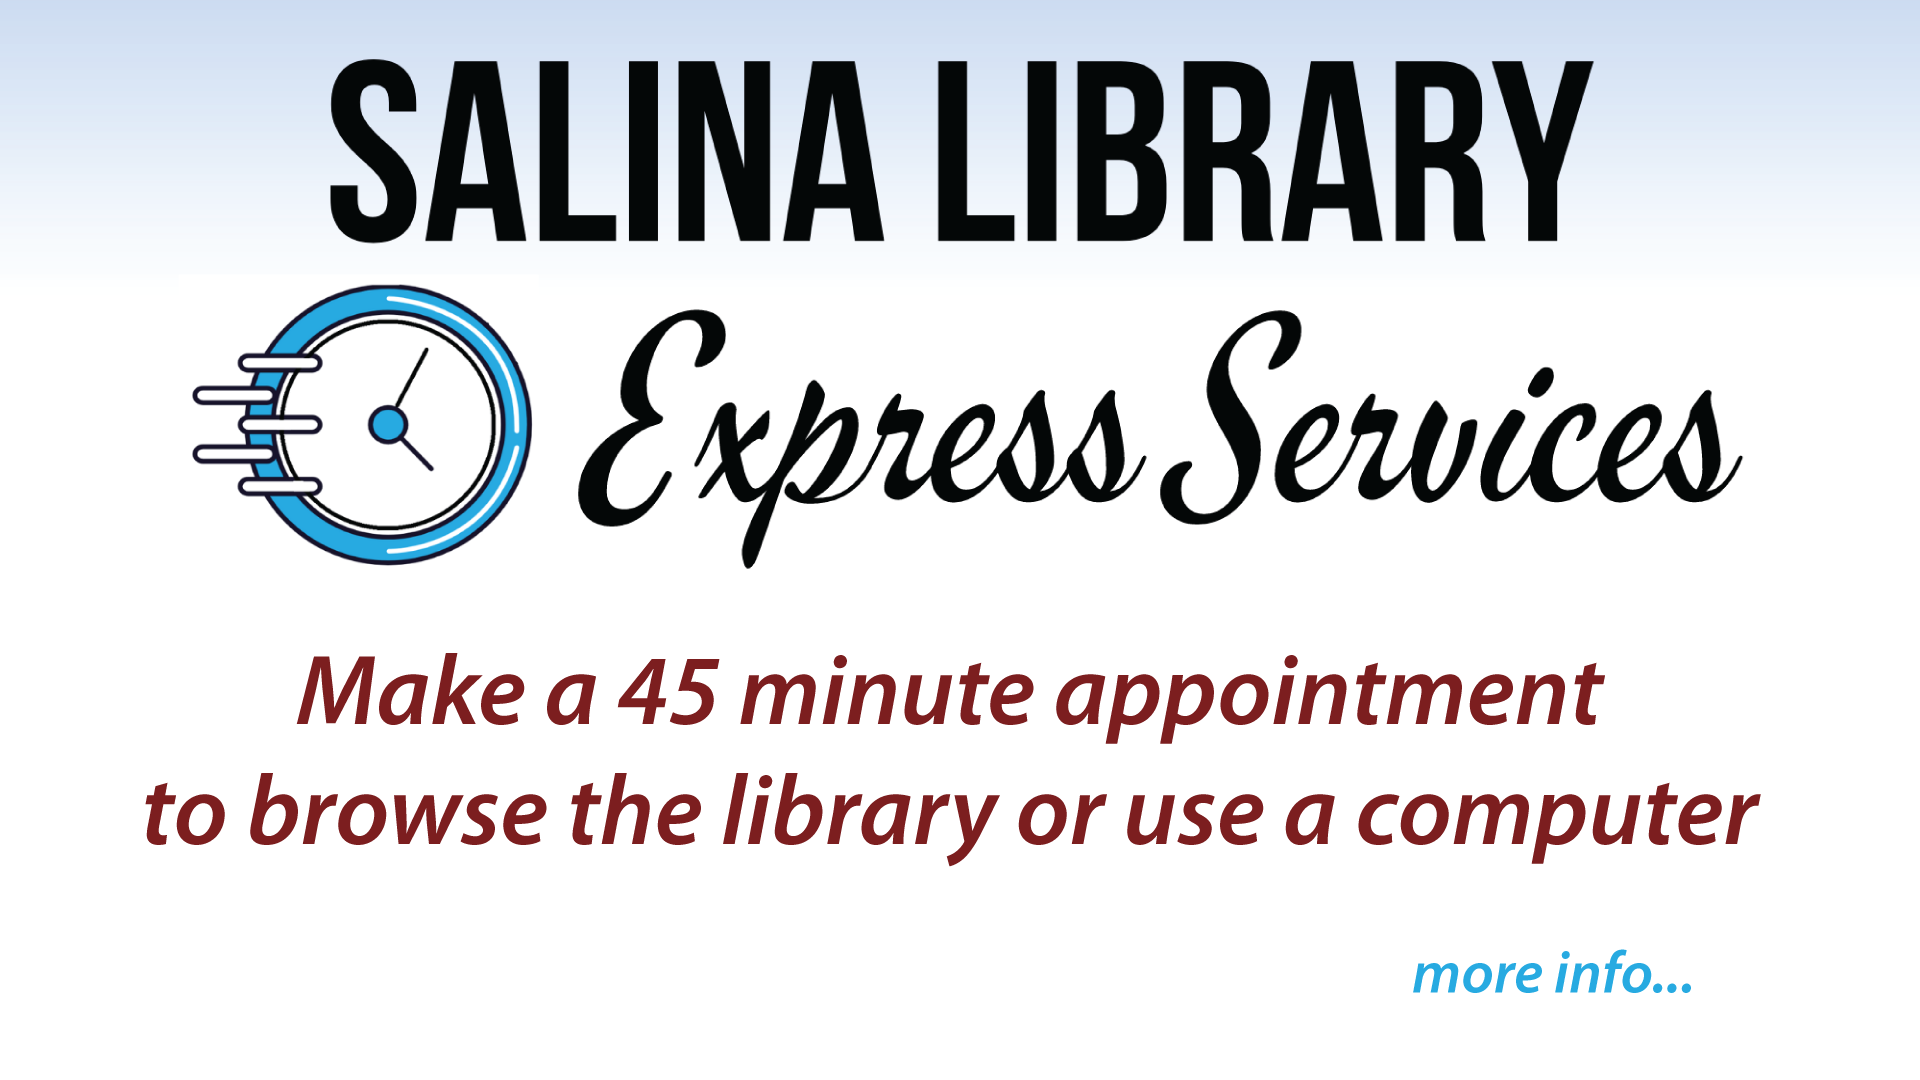 Express Service Info